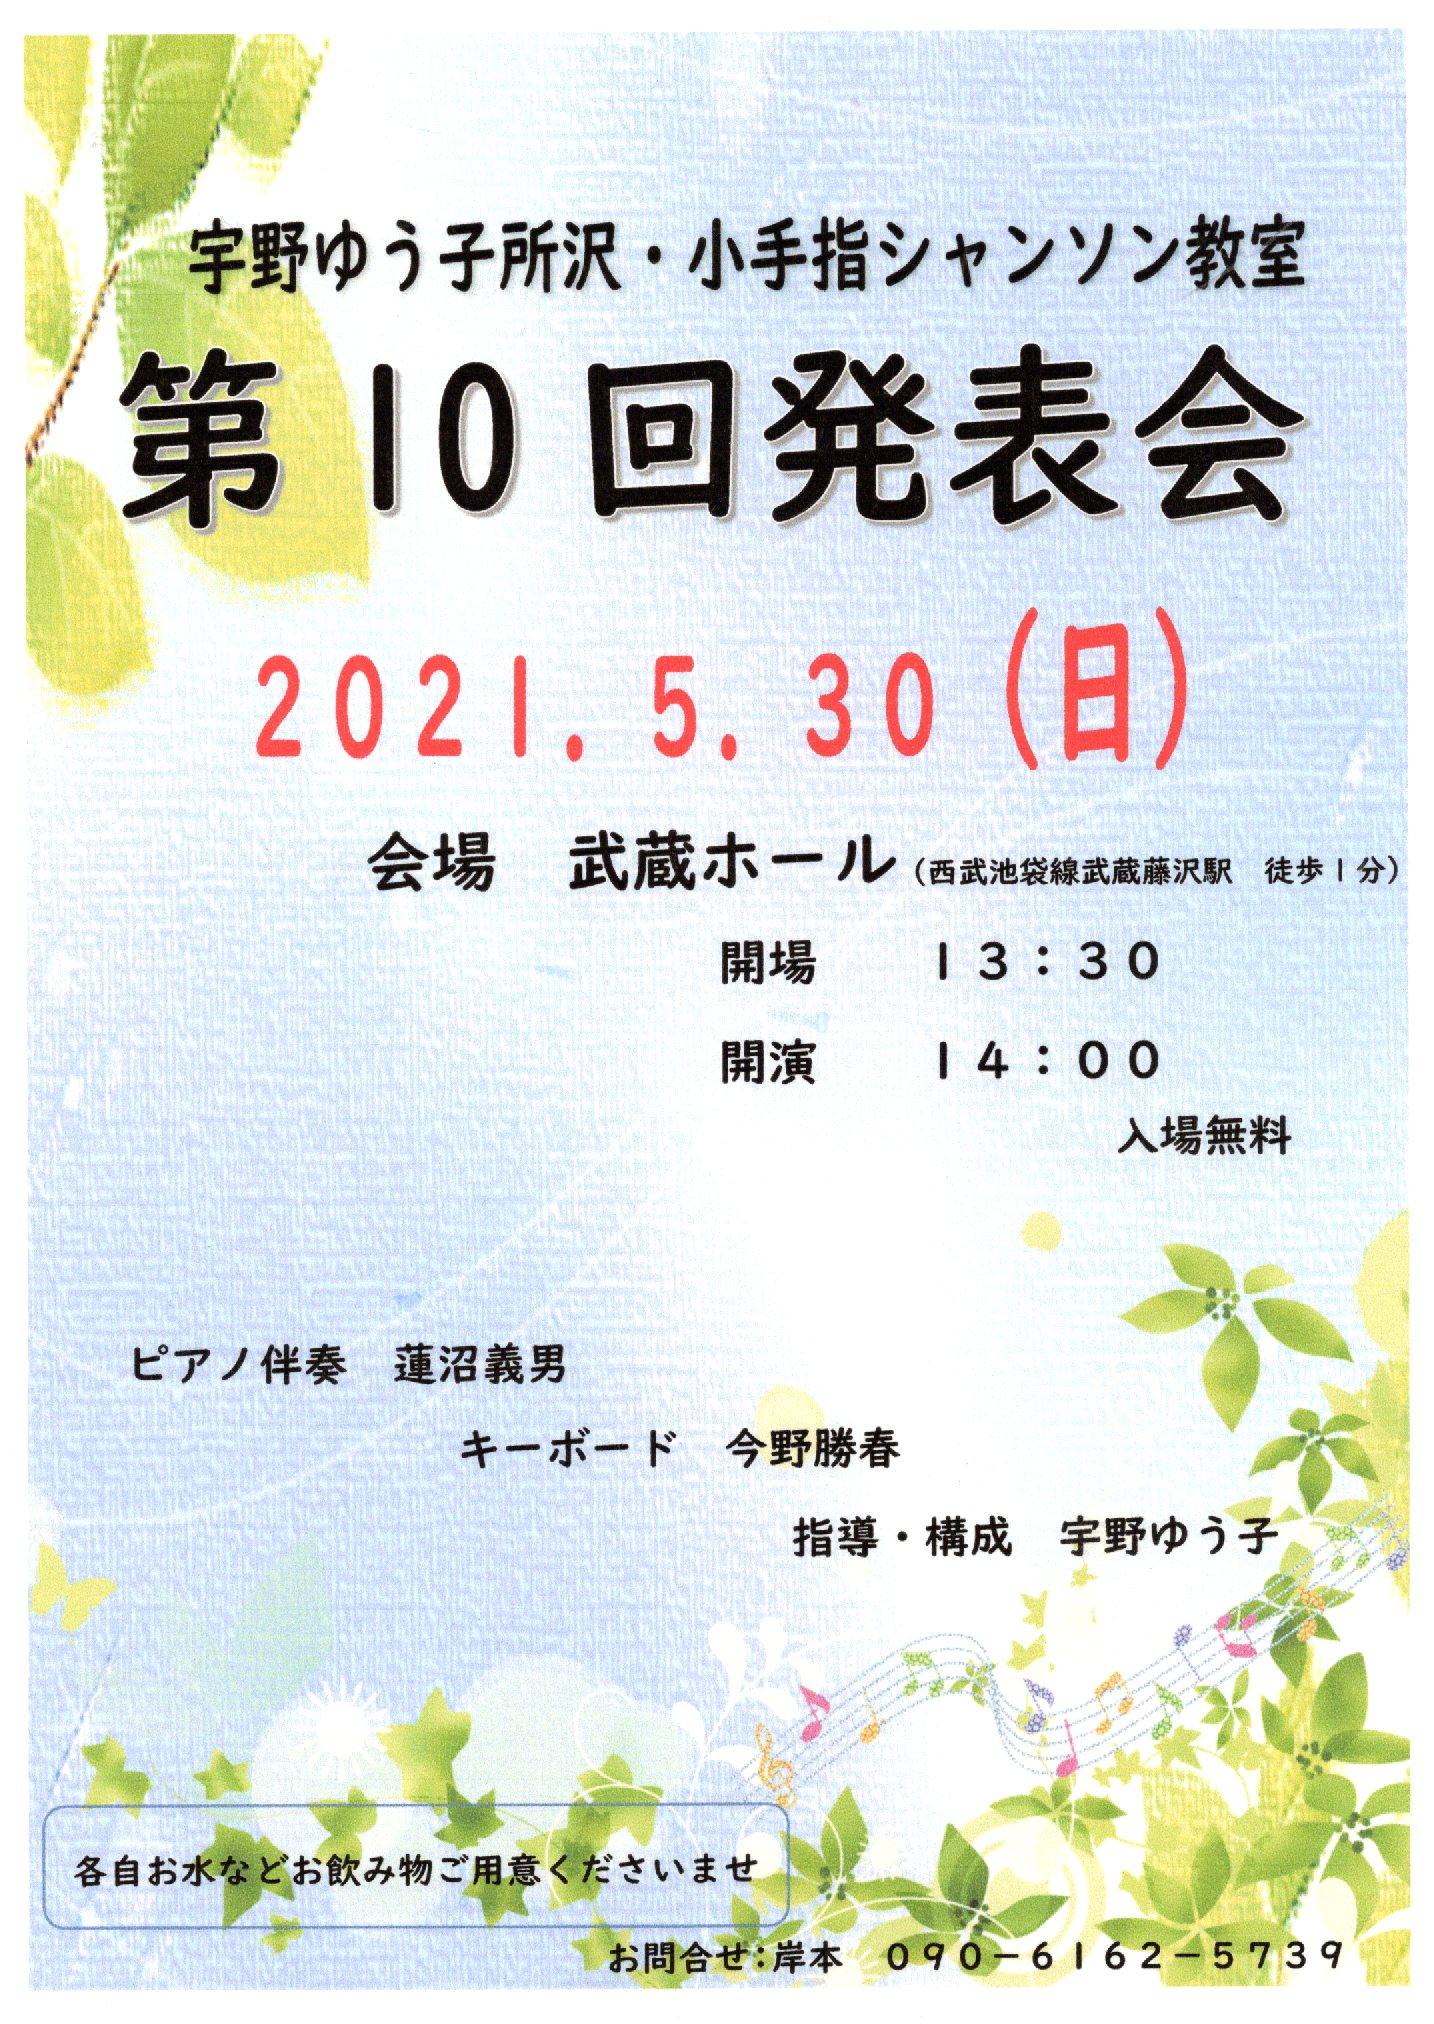 http://unoyuko.com/blog/chanson/Image_20210520_0001.jpg